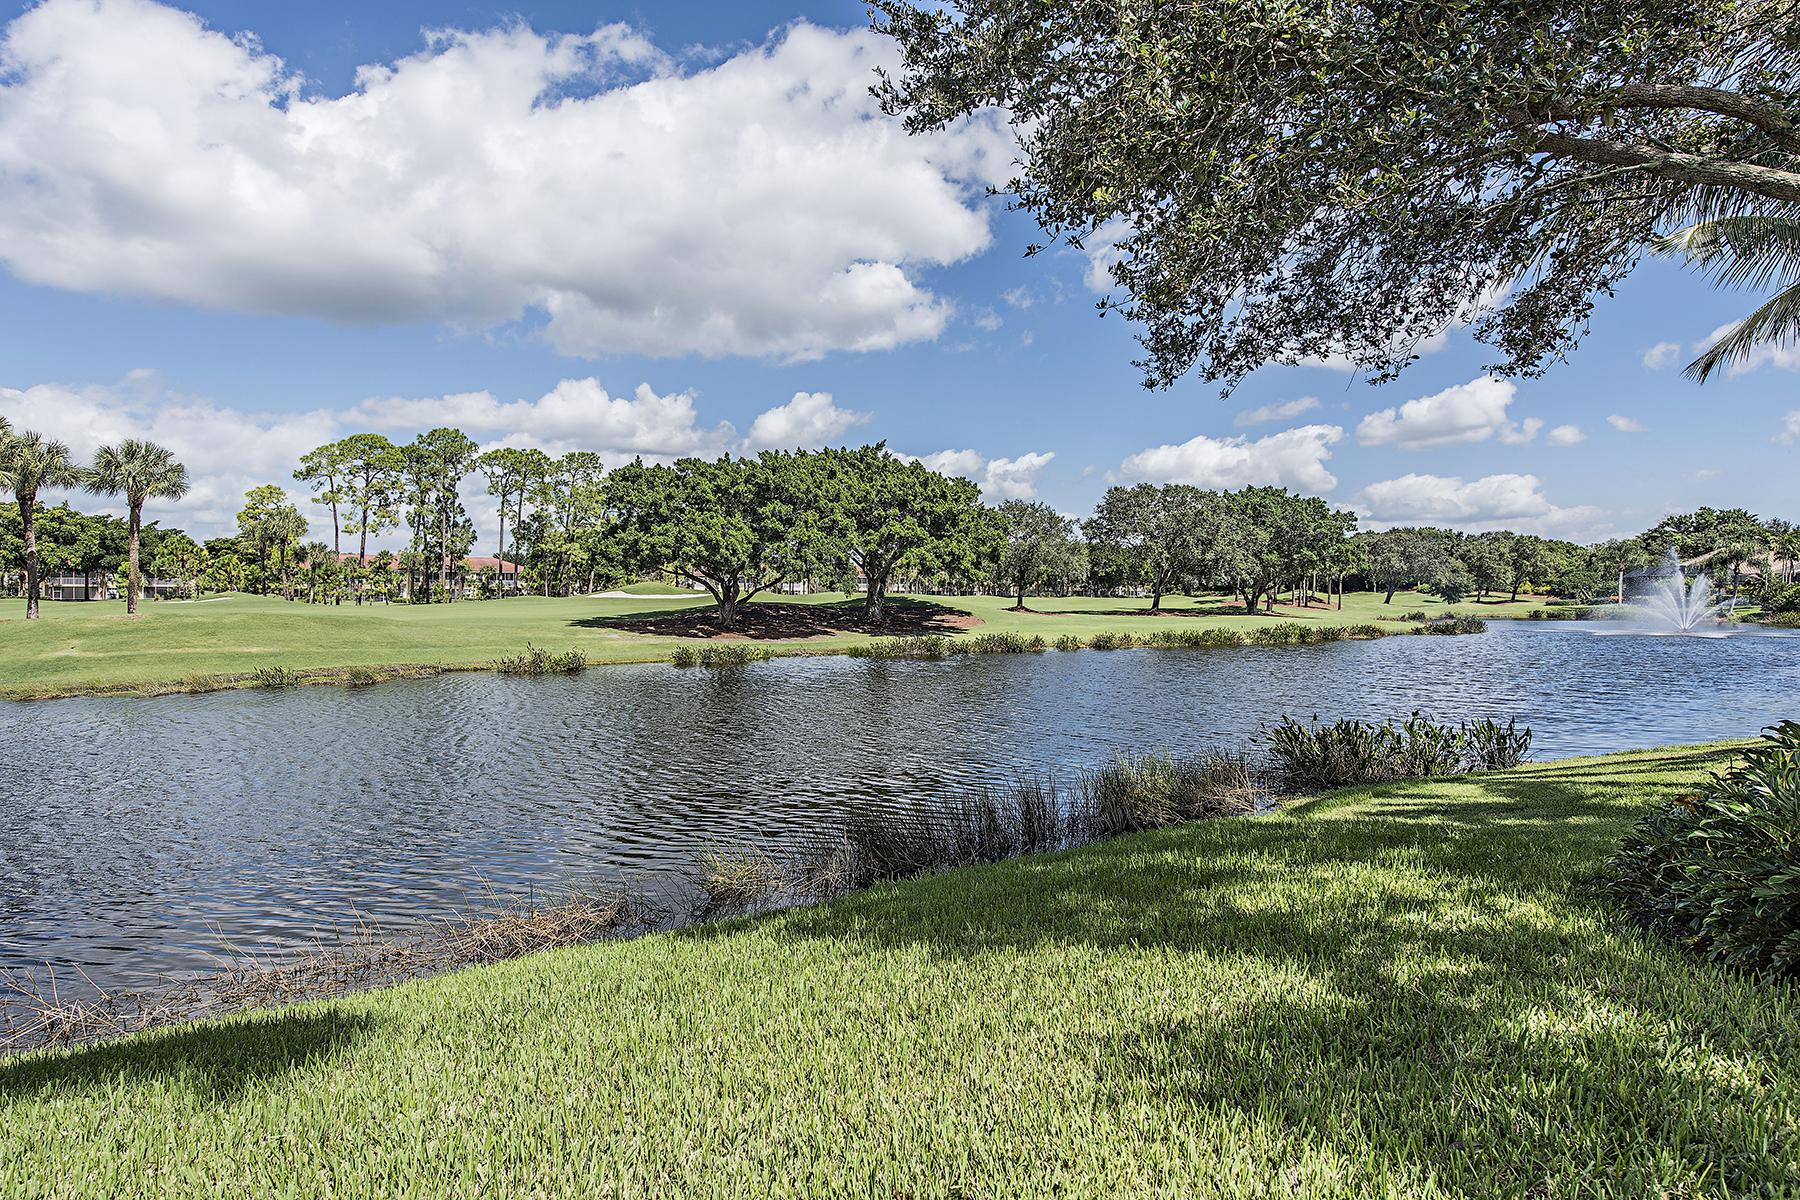 Частный односемейный дом для того Продажа на PELICAN MARSH - WATERCREST 2337 Cheshire Ln Naples, Флорида, 34109 Соединенные Штаты